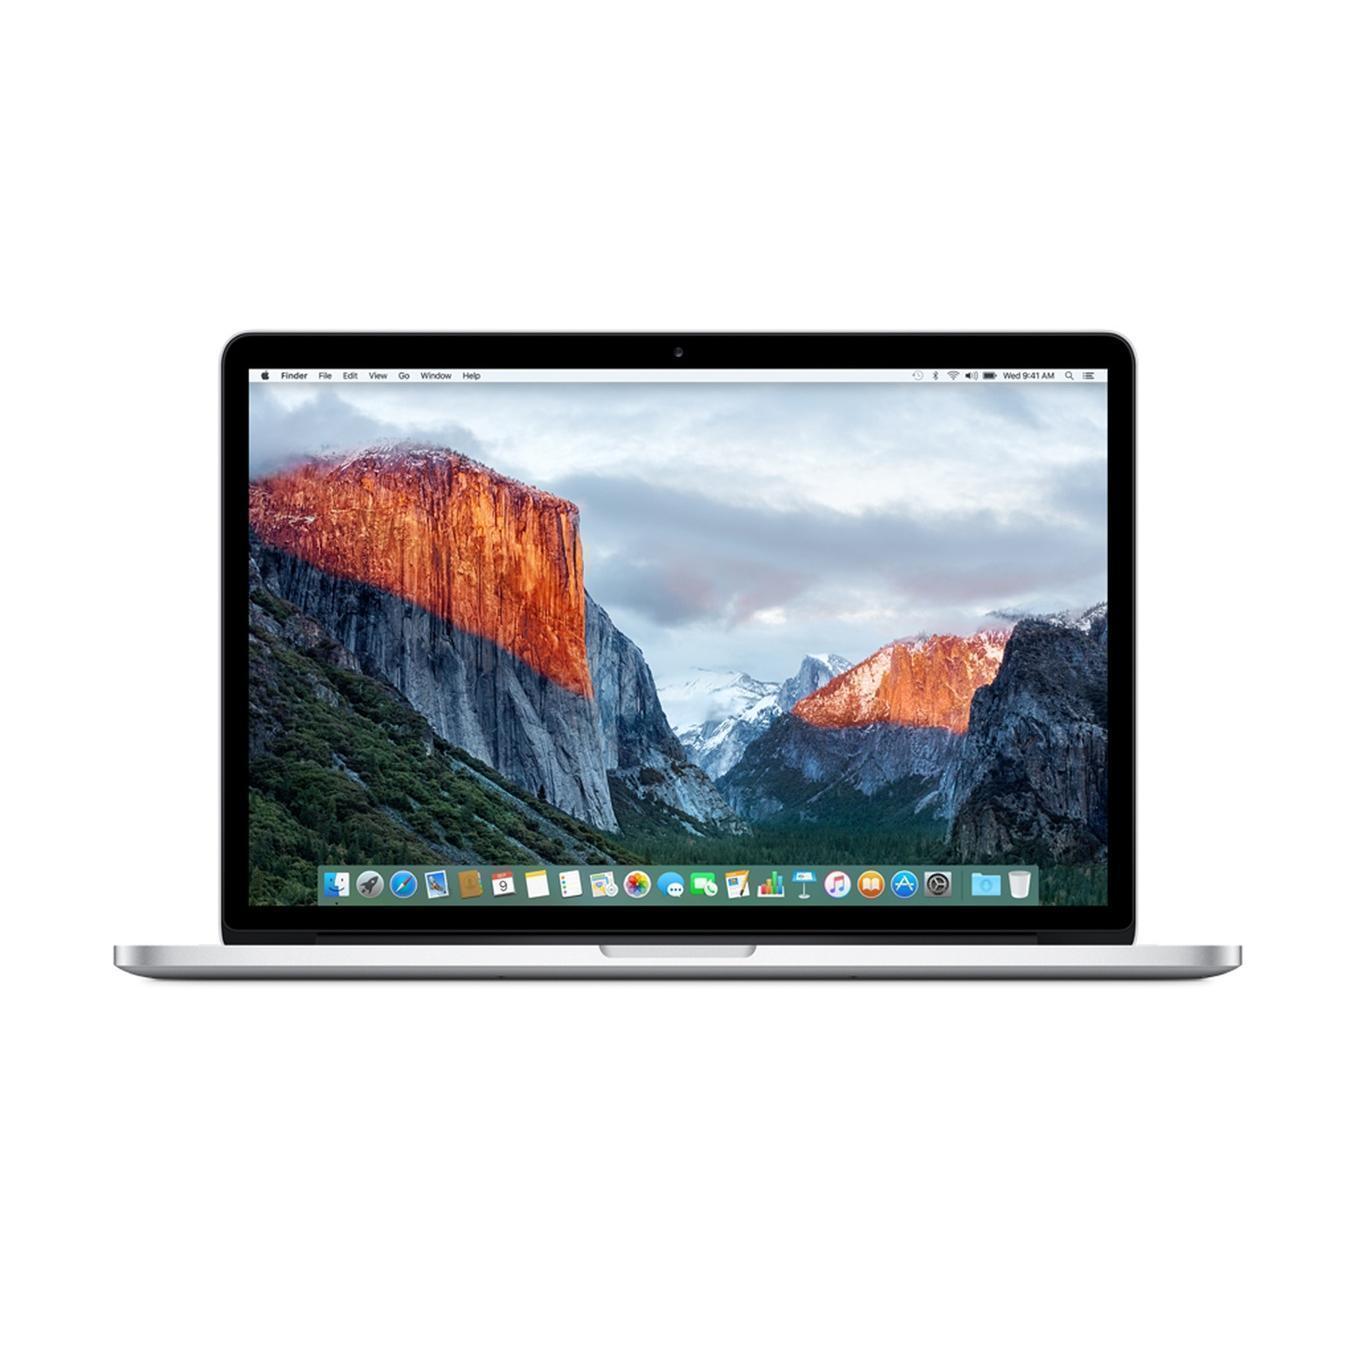 MacBook Pro Retina 15,4-tum (2015) - Core i7 - 16GB - HDD 256 GB QWERTY - Nederländska